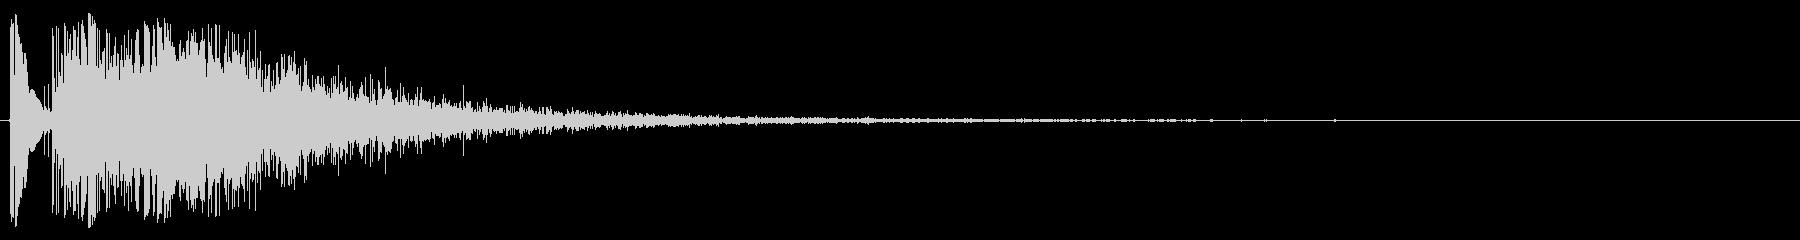 ピストルガンショット、インテリア、...の未再生の波形